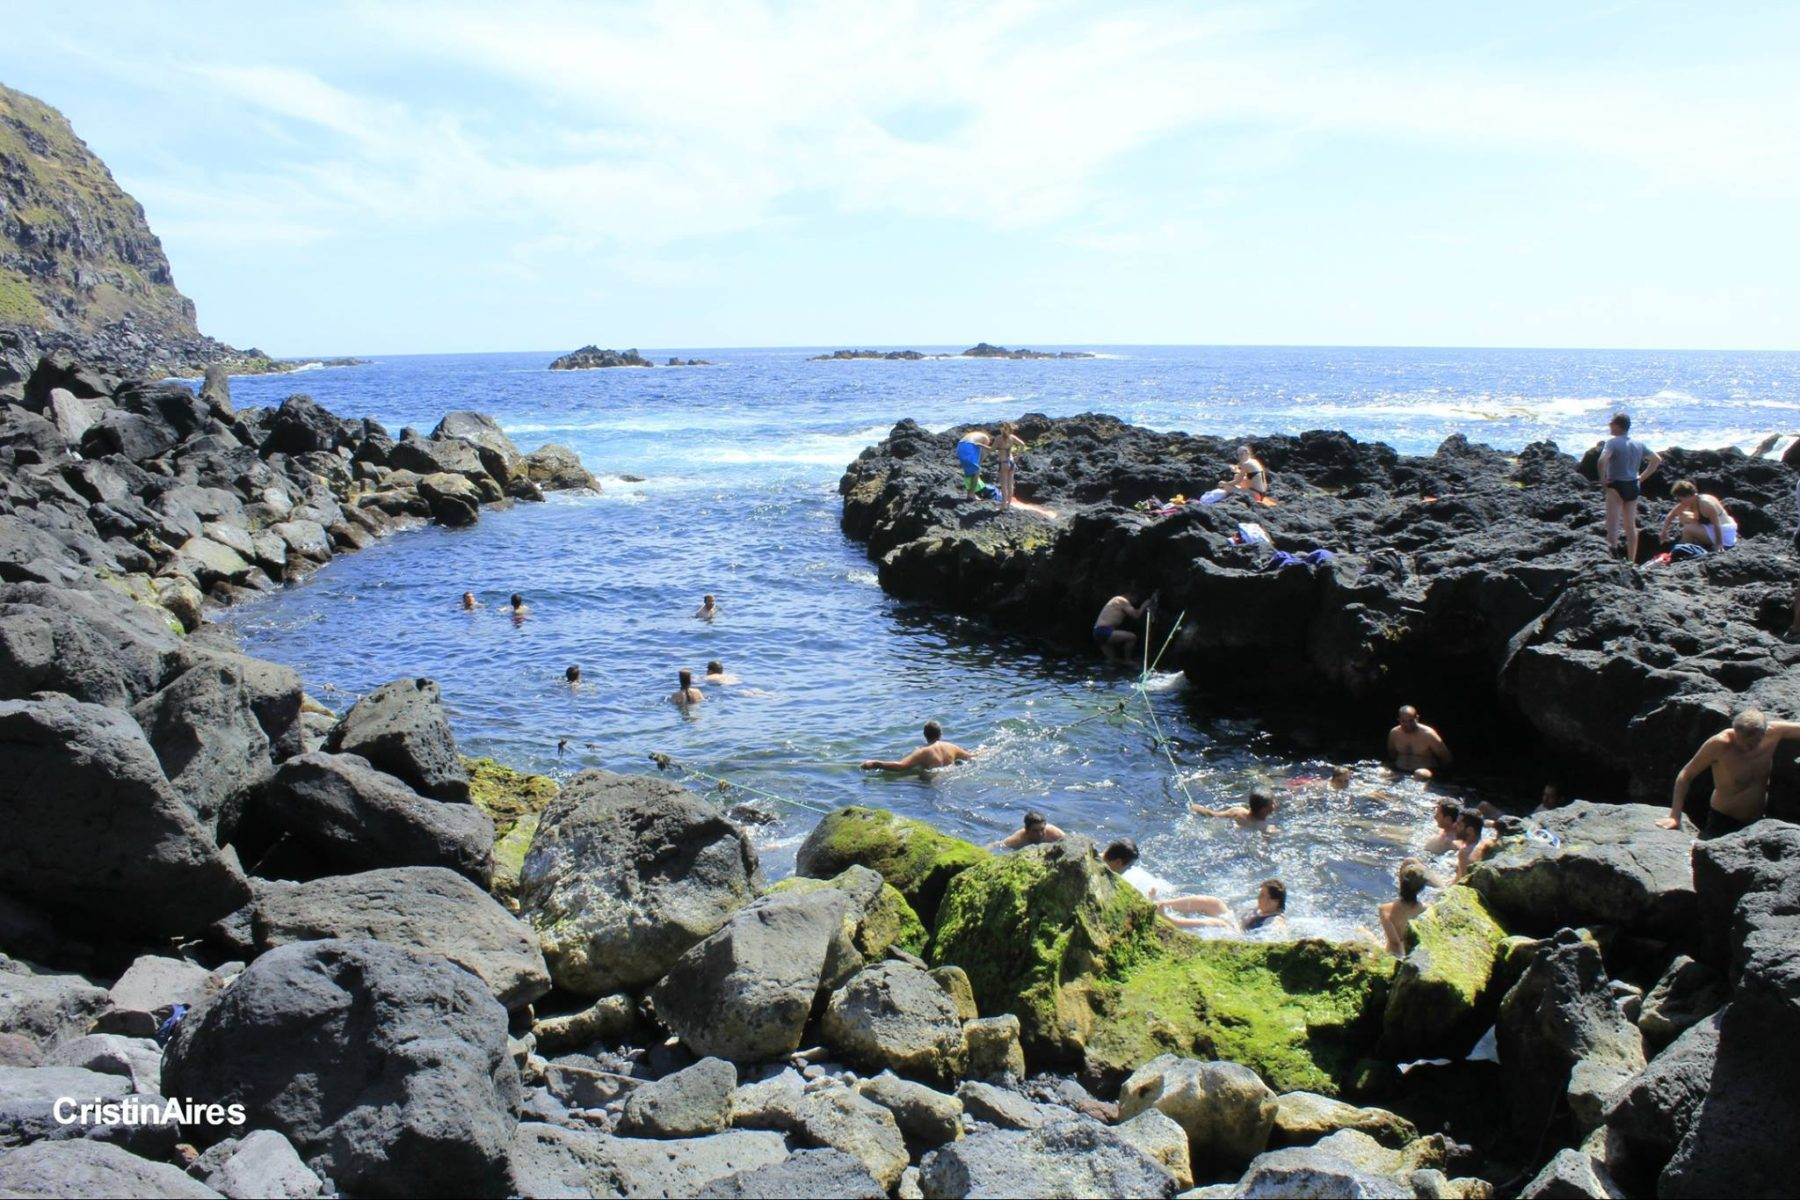 Ponta da Ferraria - nascente termal - São Miguel, Açores